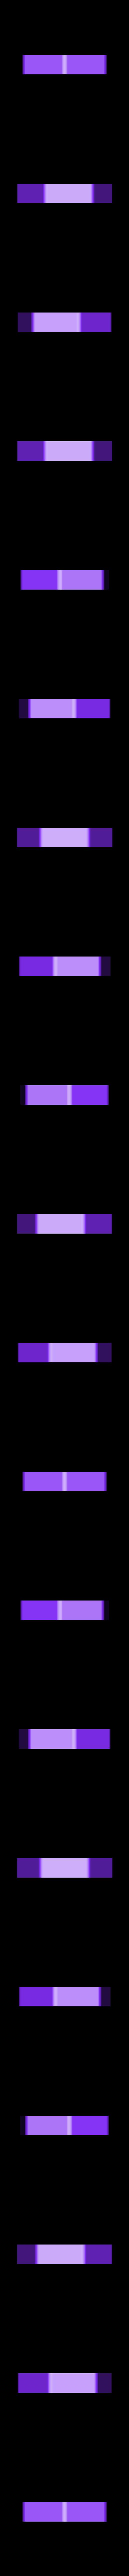 base_sauterelle.STL Télécharger fichier STL gratuit Hive • Objet pour impression 3D, seb2320